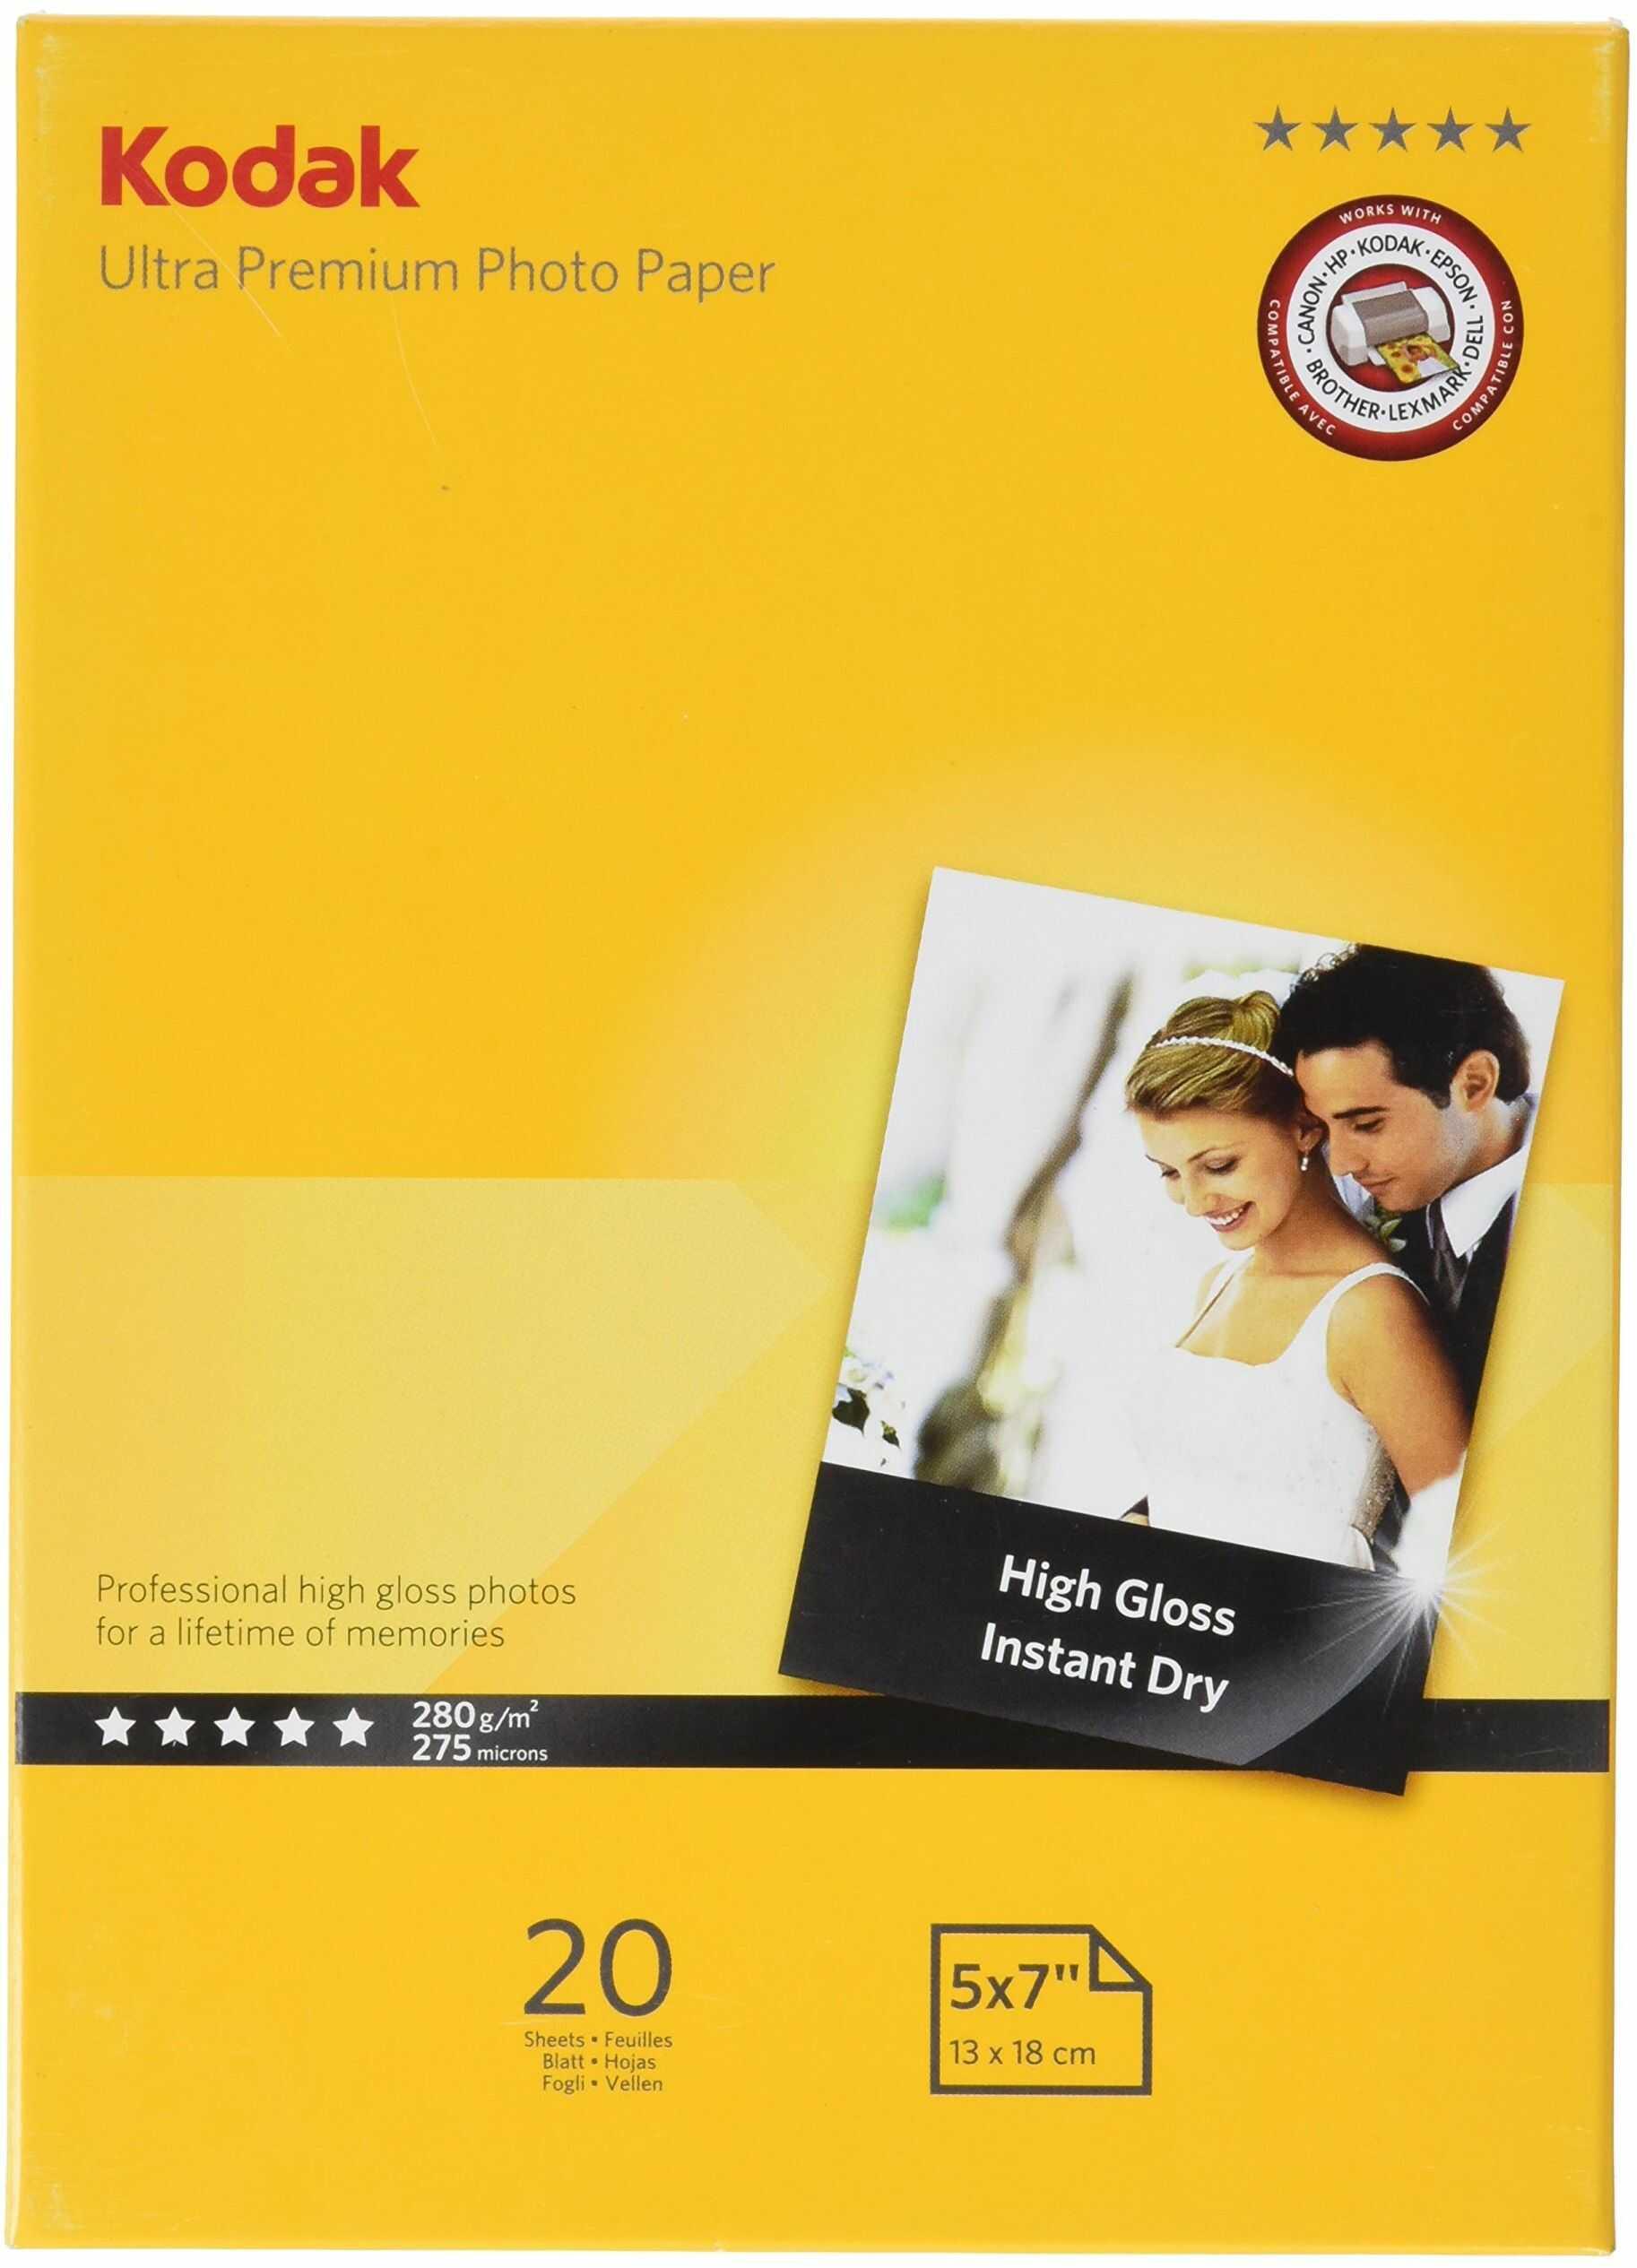 Kodak Supplies 185Z00360 papier fotograficzny 20 arkuszy 5 x 7